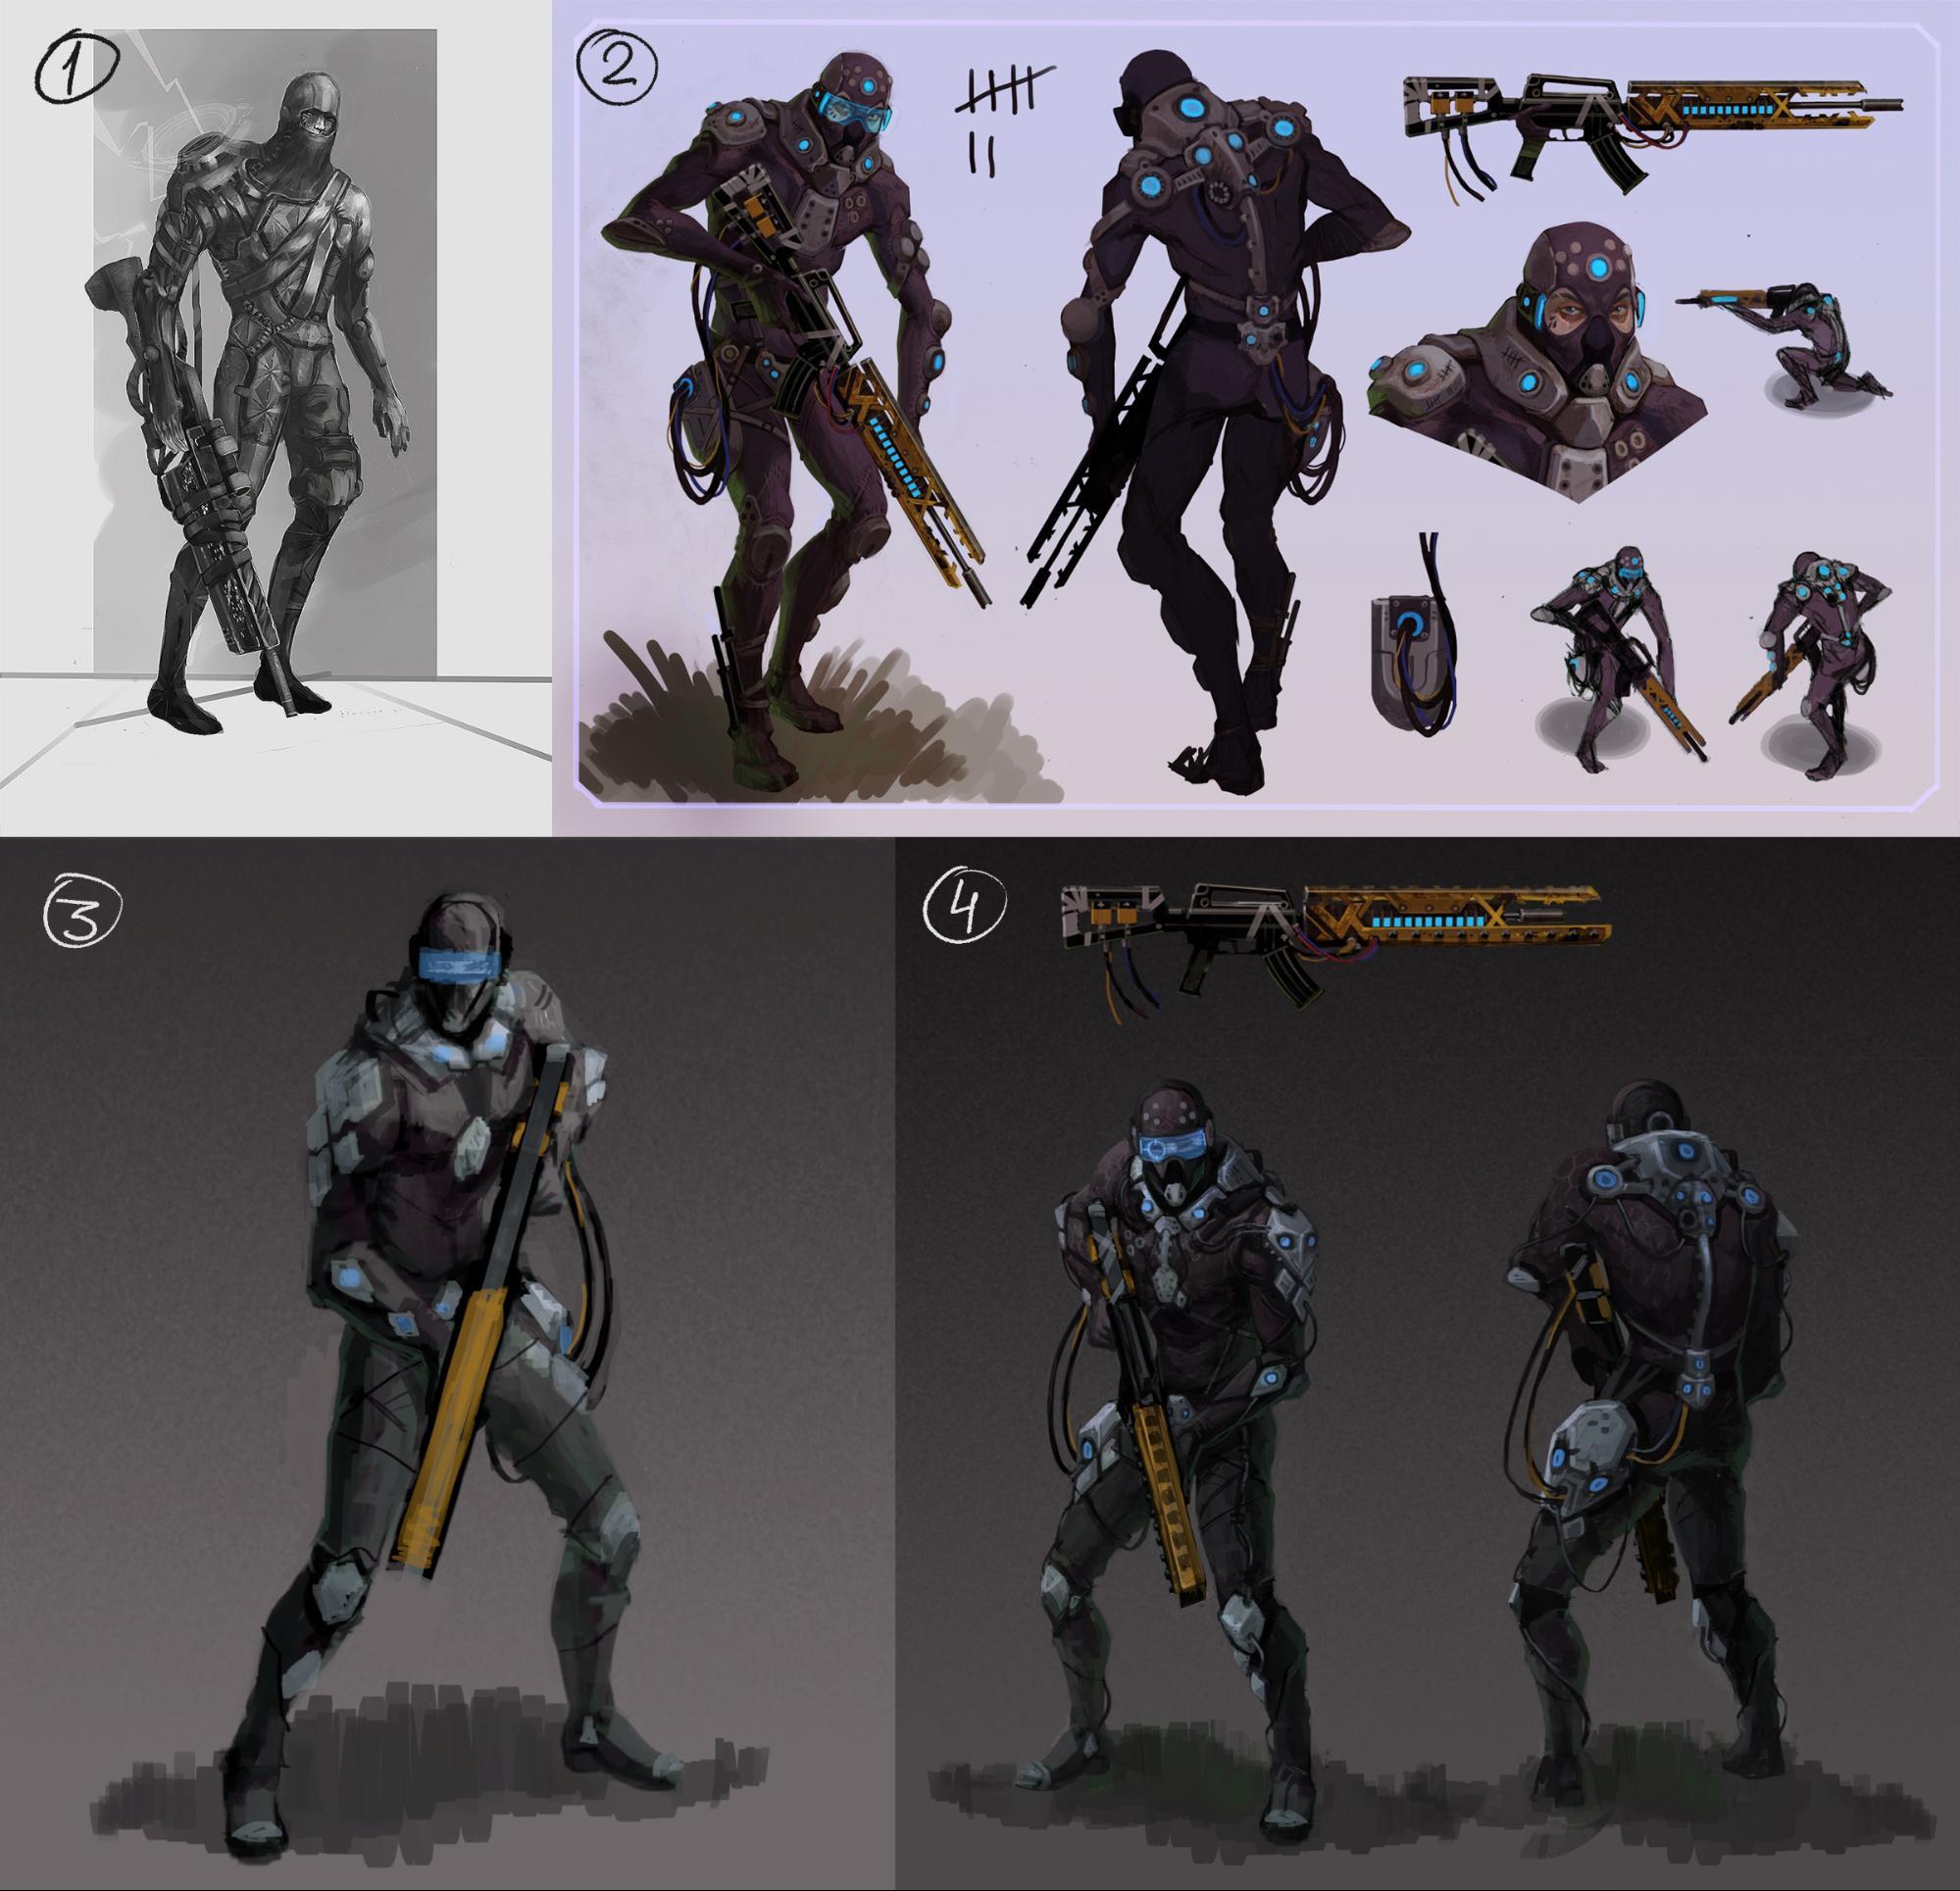 Рефлексия геймдизайнера: персонажи для игры, которая не вышла - 3